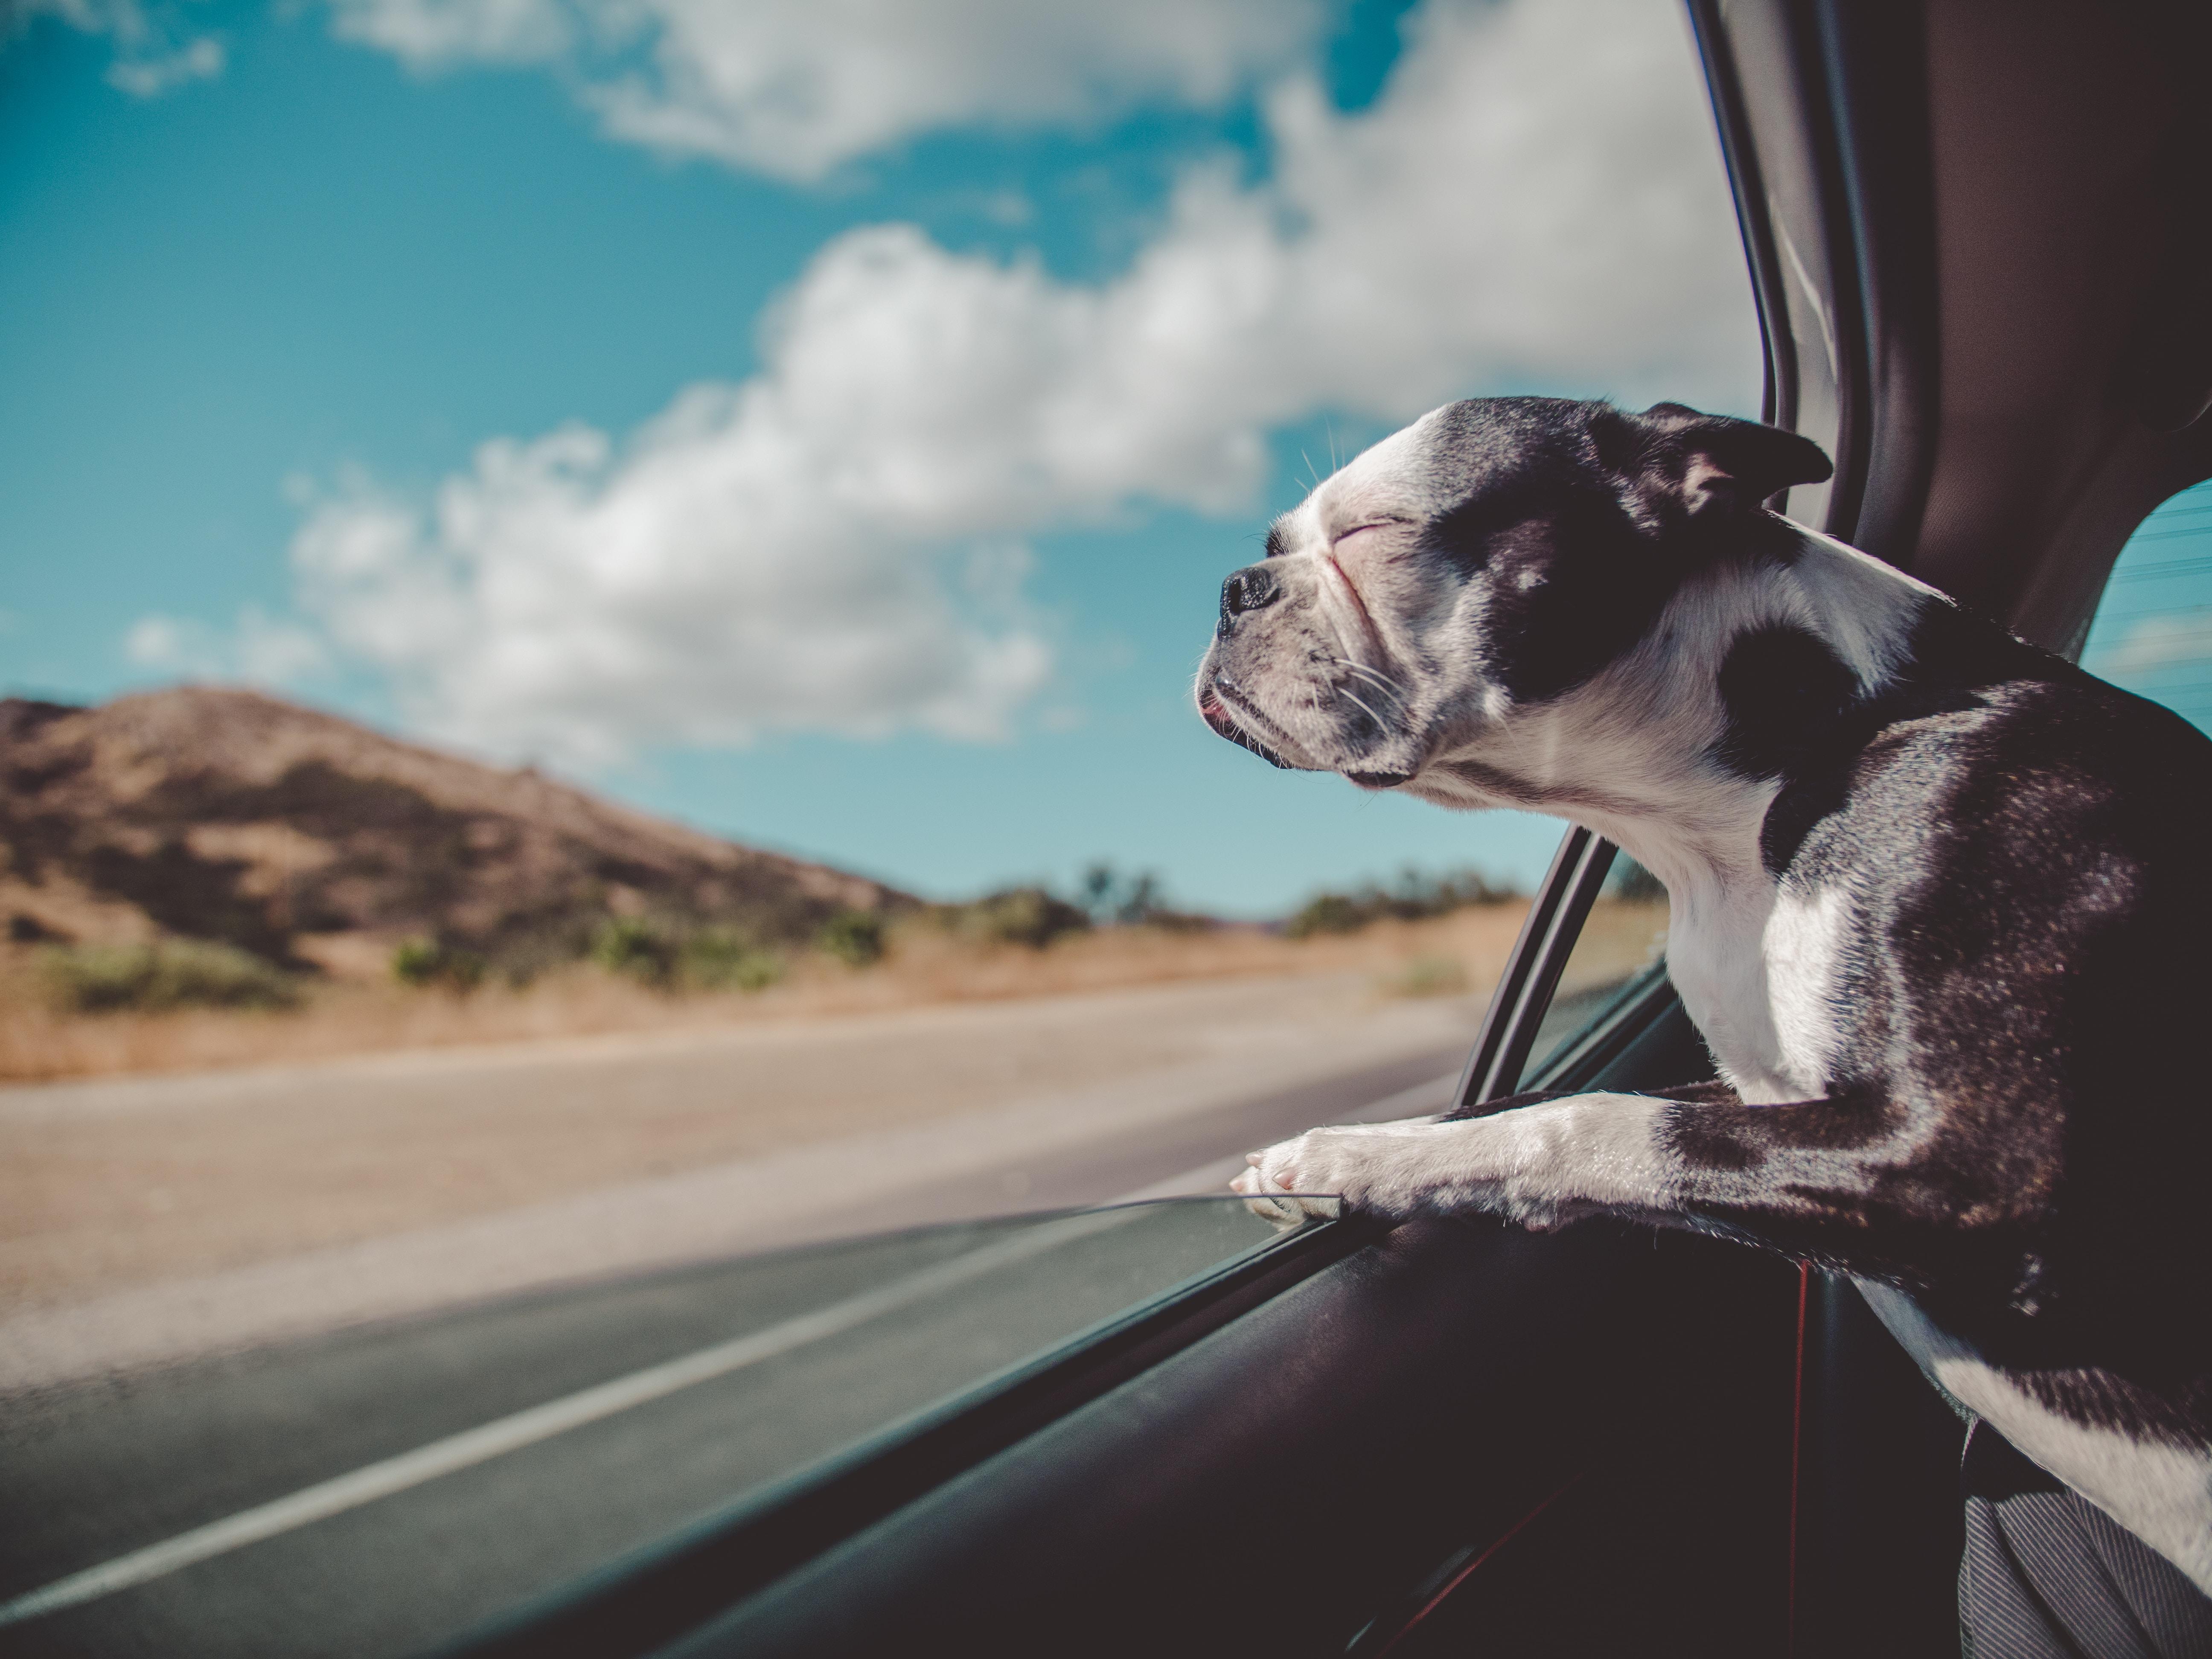 Boston Terrier inside a vehicle